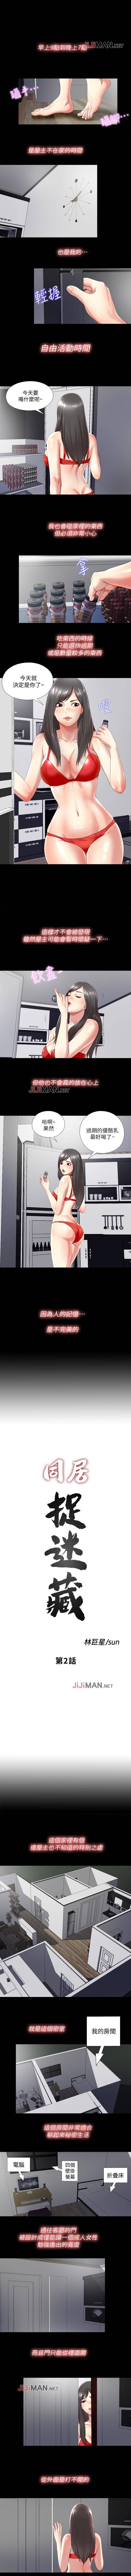 【已完结】同居捉迷藏(作者:林巨星) 第1~30话 6